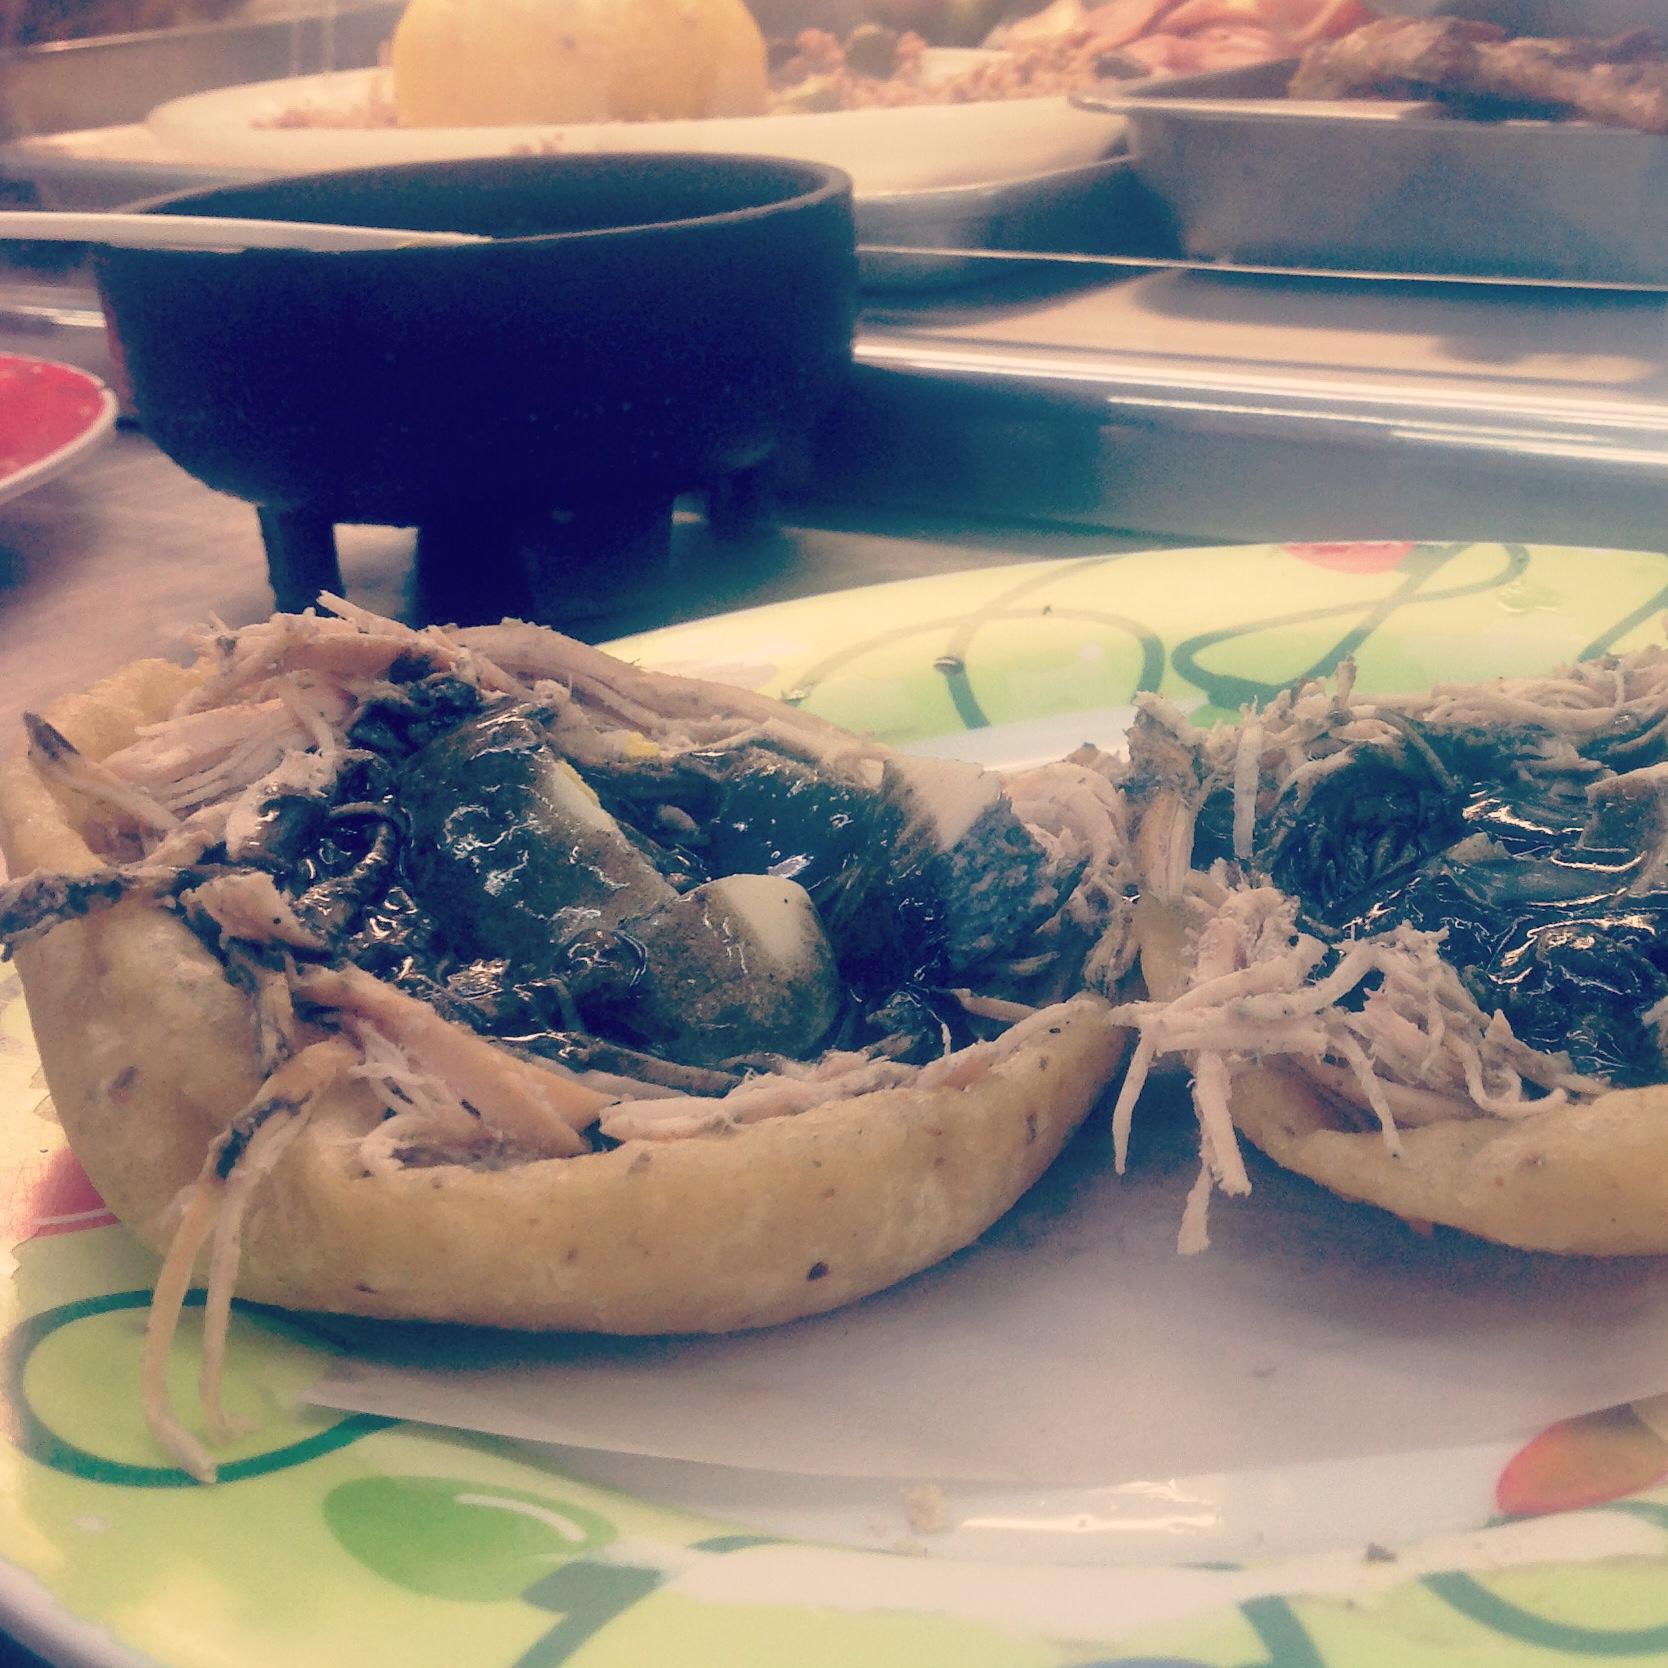 bouffe plats alimentation aliments mexique mexicain plats Yucatàn